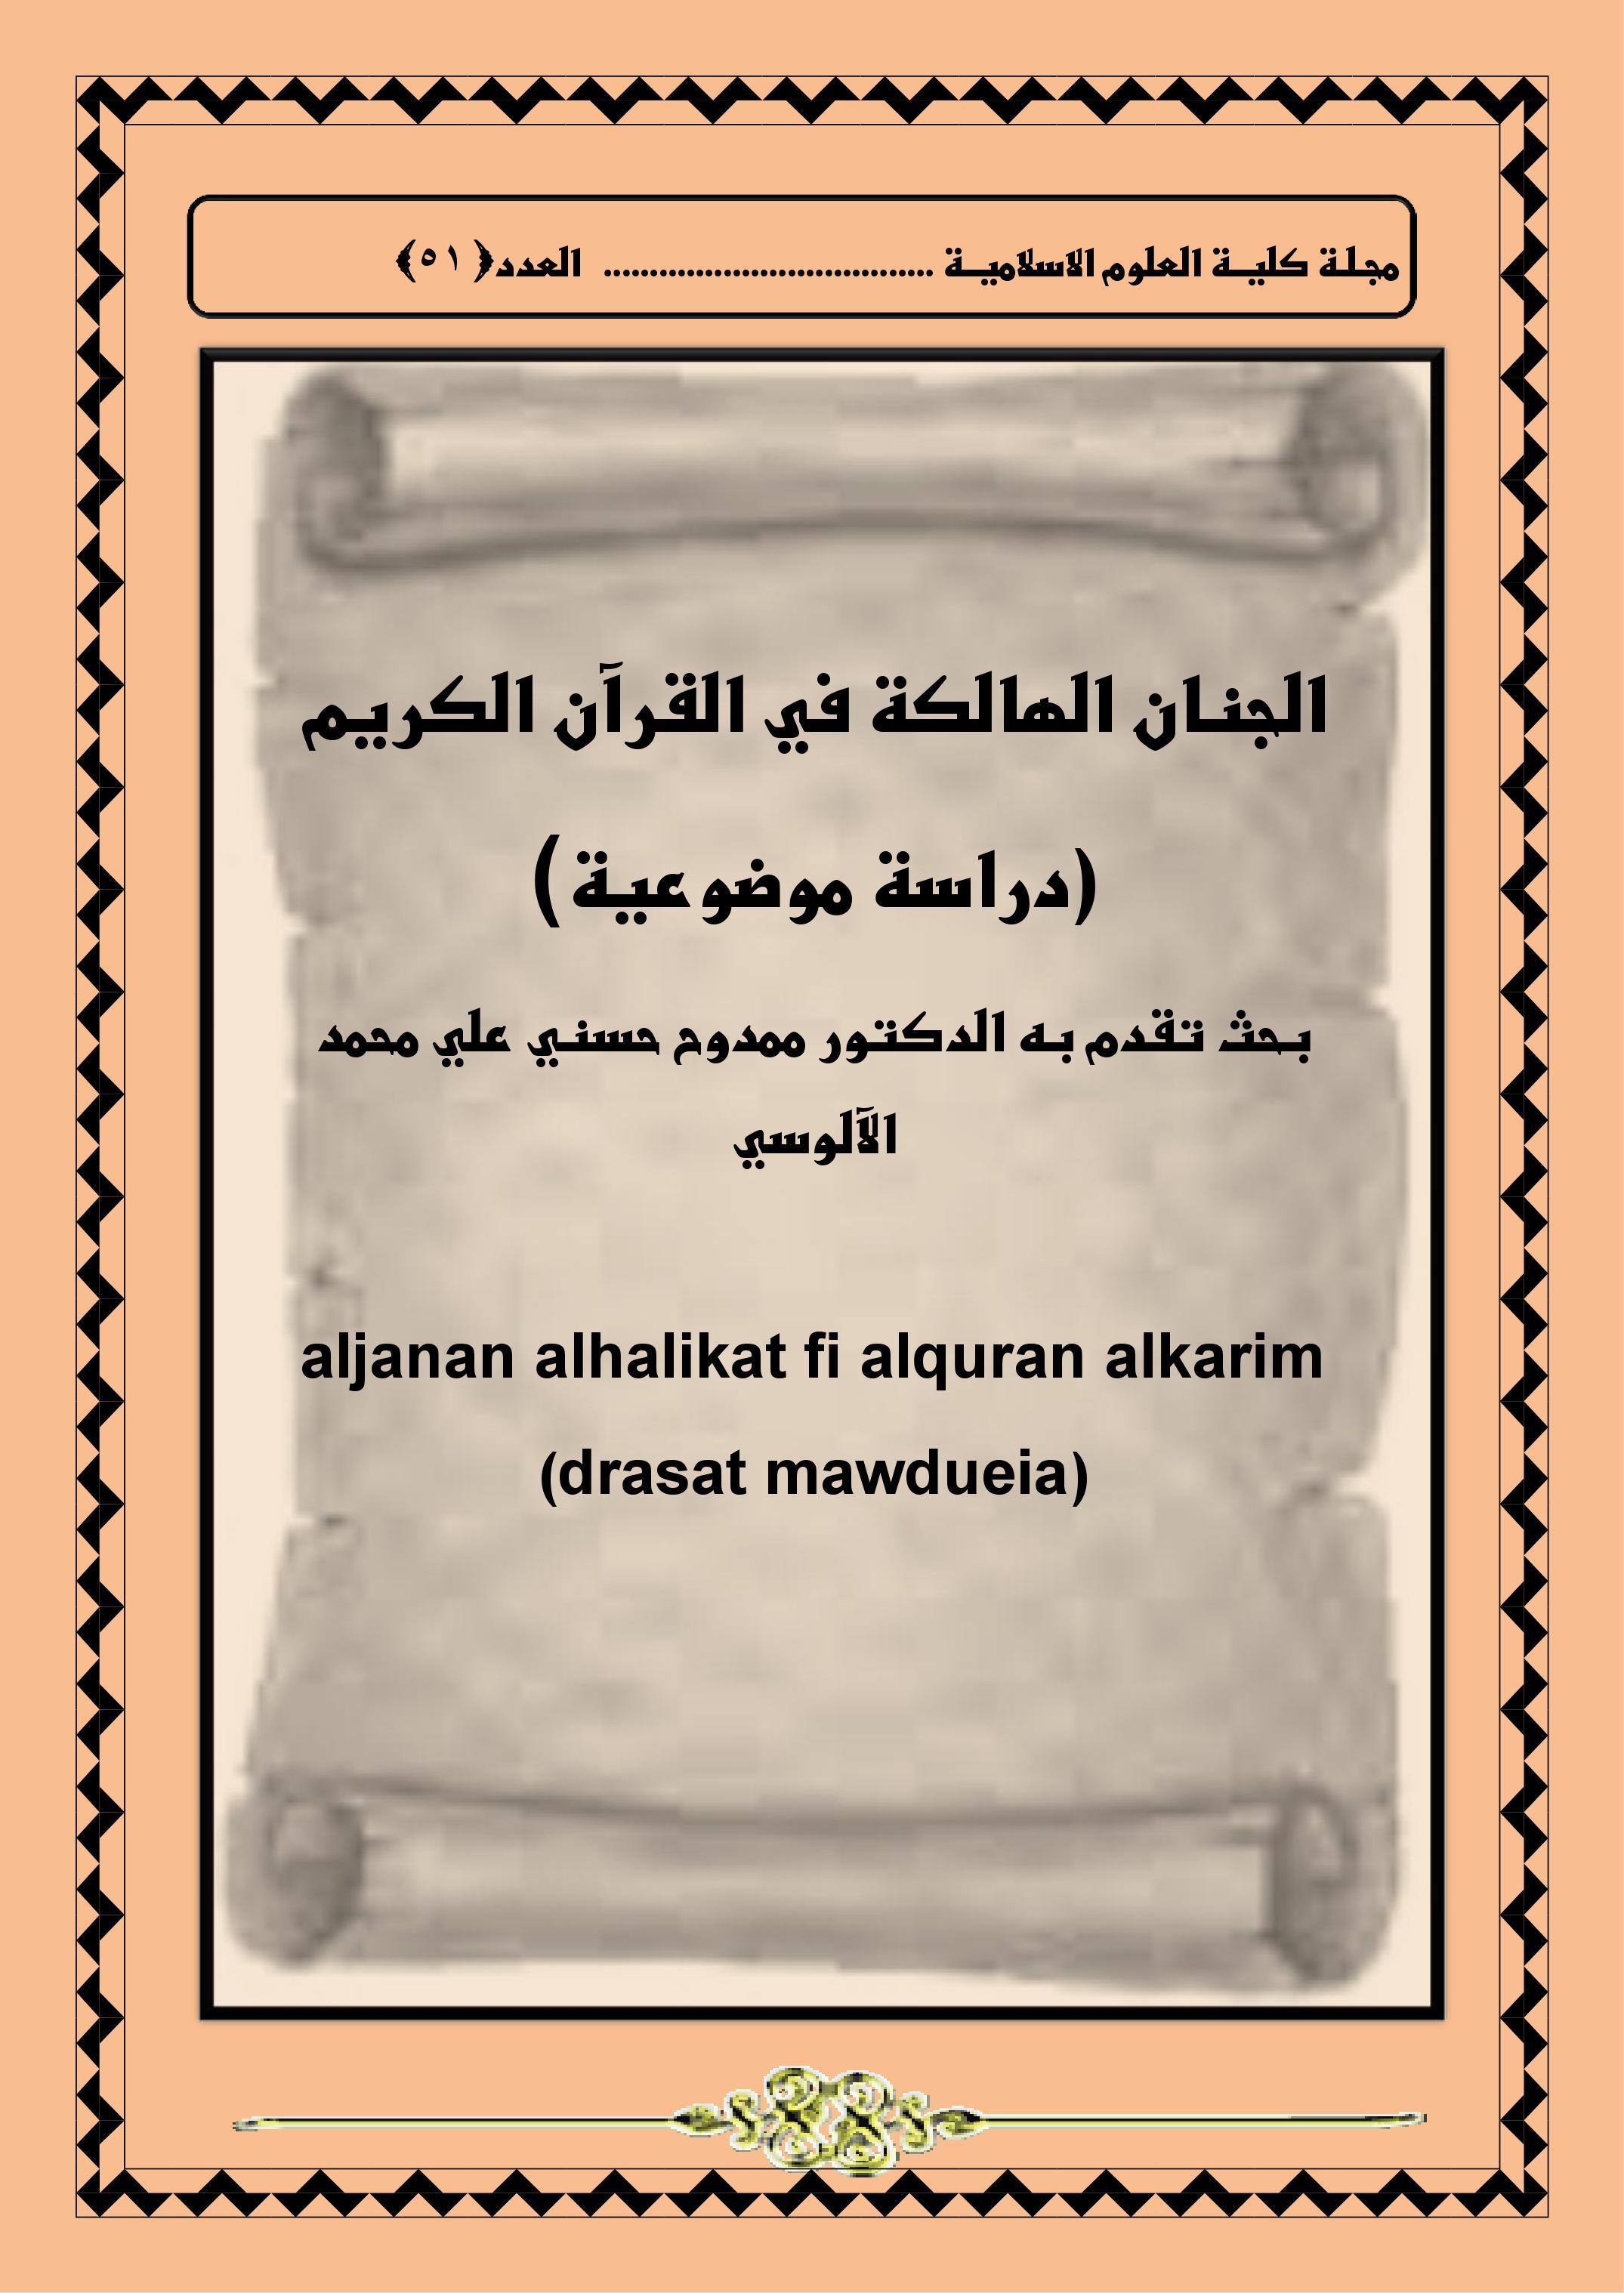 الجنان الهالكة في القرآن الكريم -دراسة موضوعية